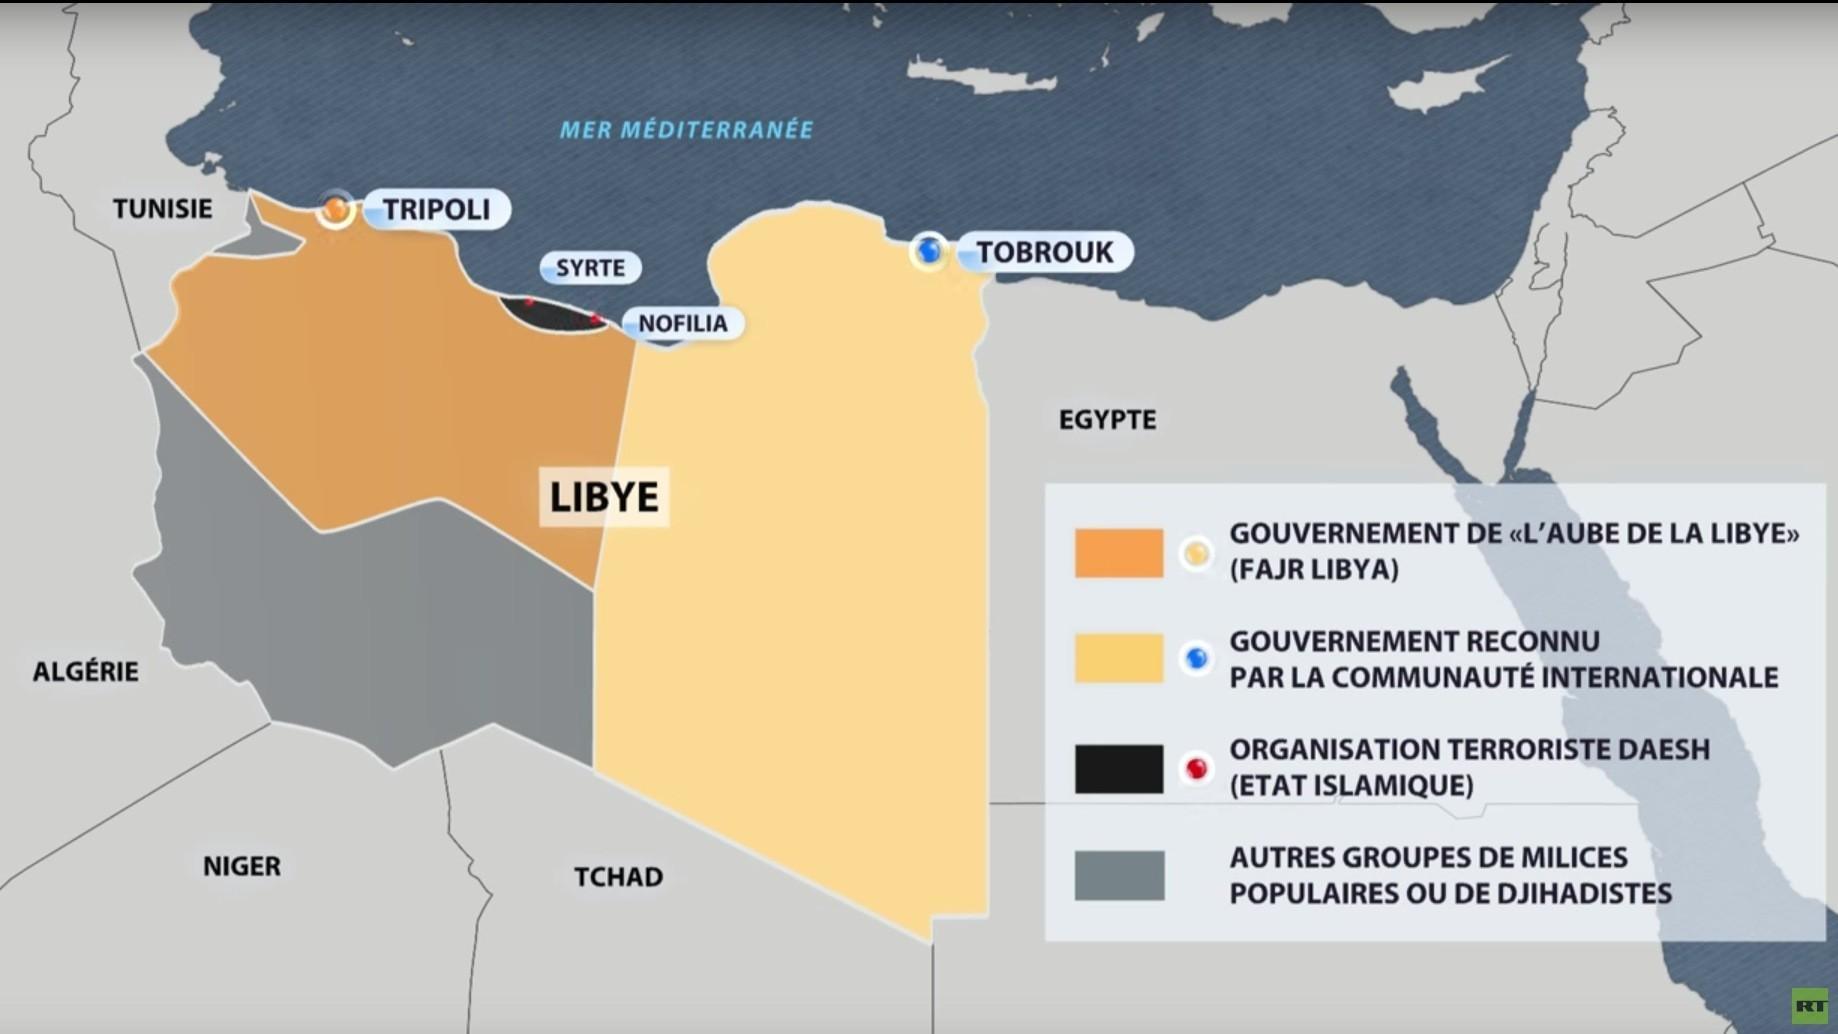 Libye : les Occidentaux soutiendraient-ils des troupes concurrentes aux forces gouvernementales ?